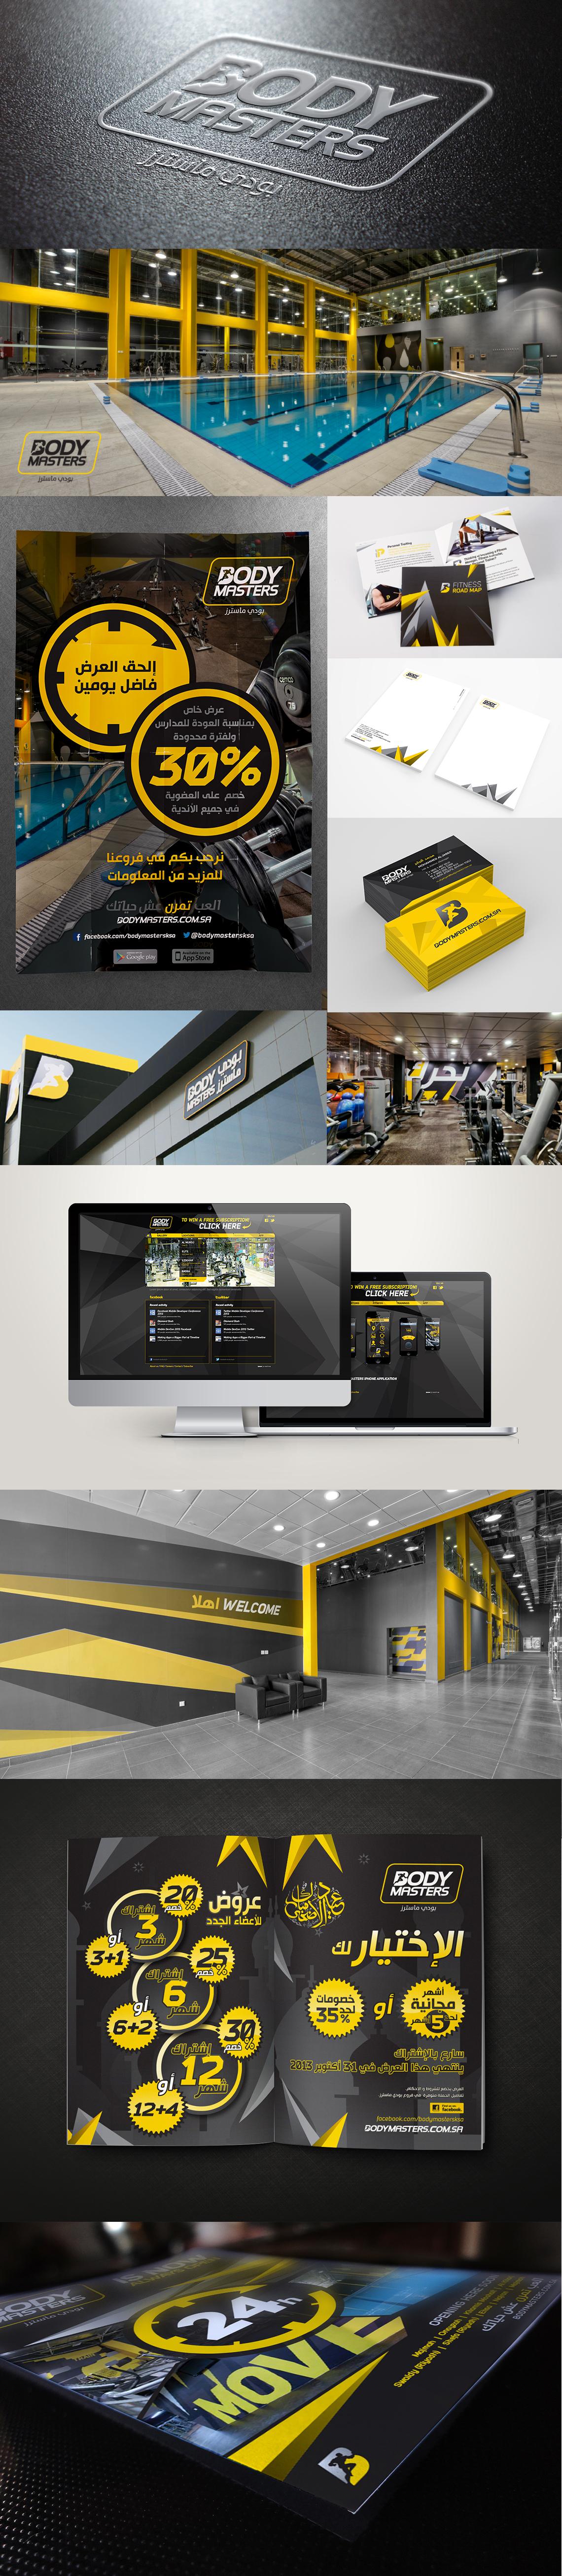 Bodymaster Ksa Full Brand Service Nr Design